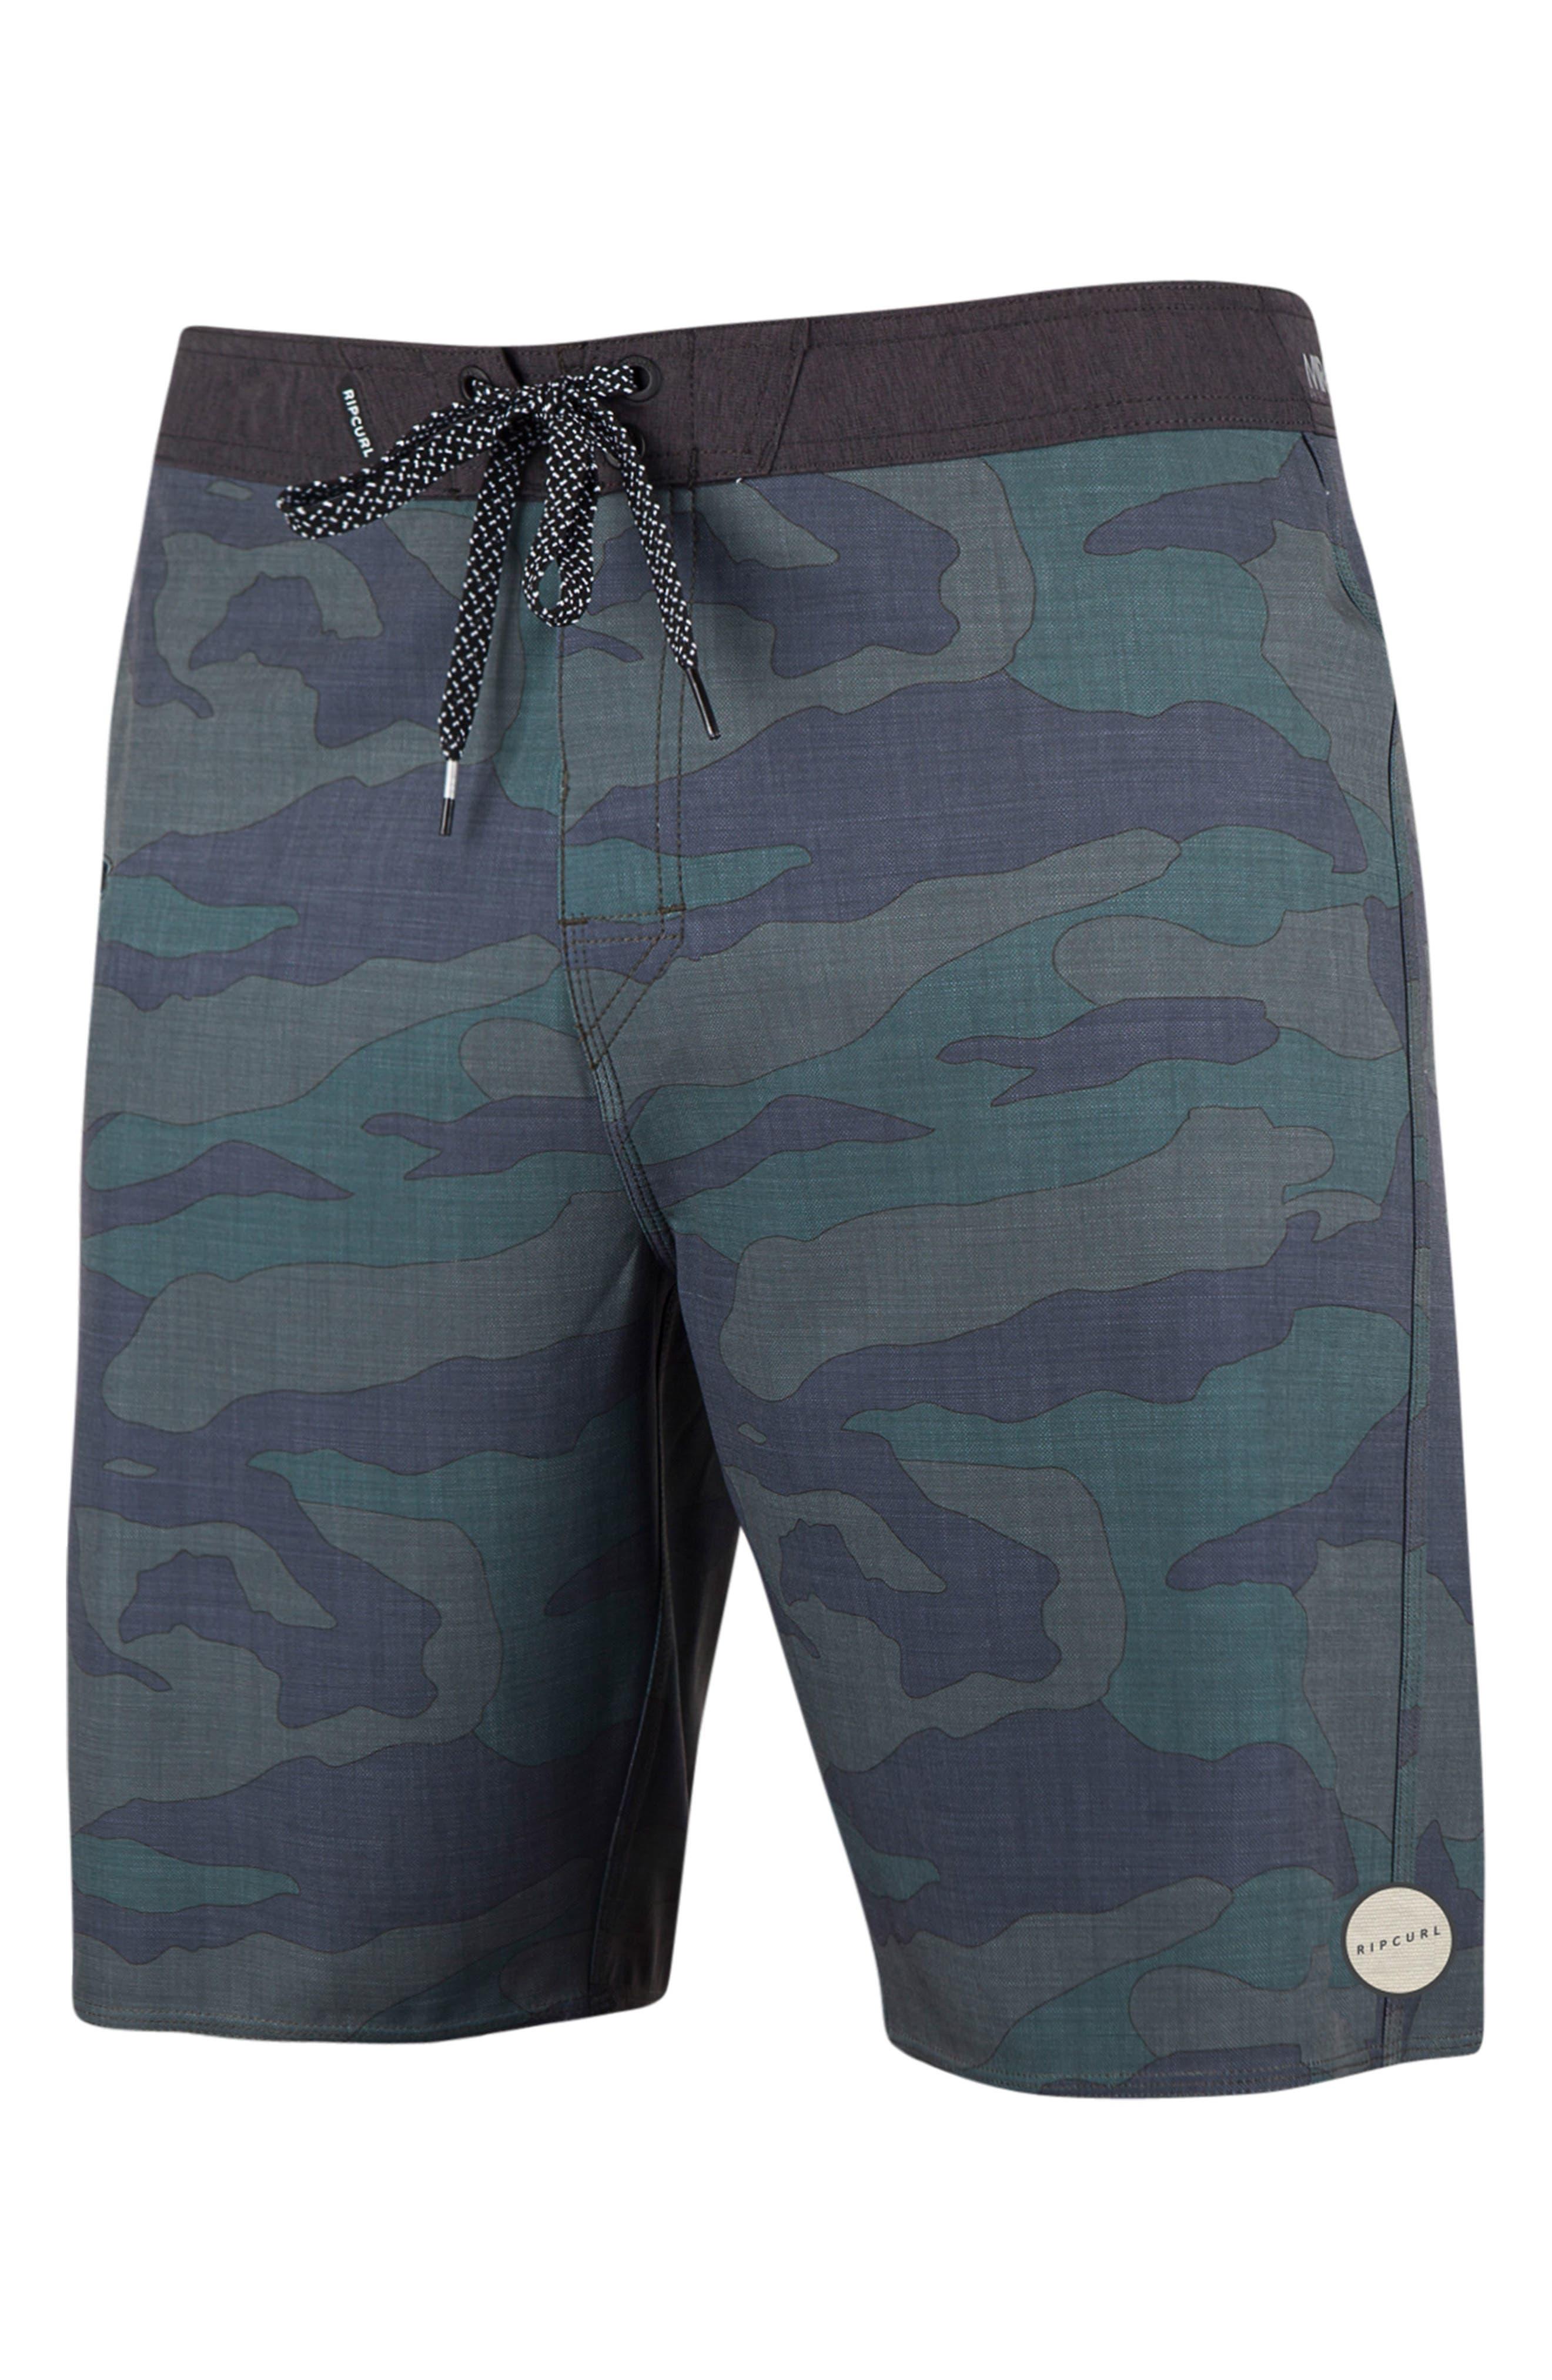 Mirage Backyard Board Shorts,                             Main thumbnail 1, color,                             344